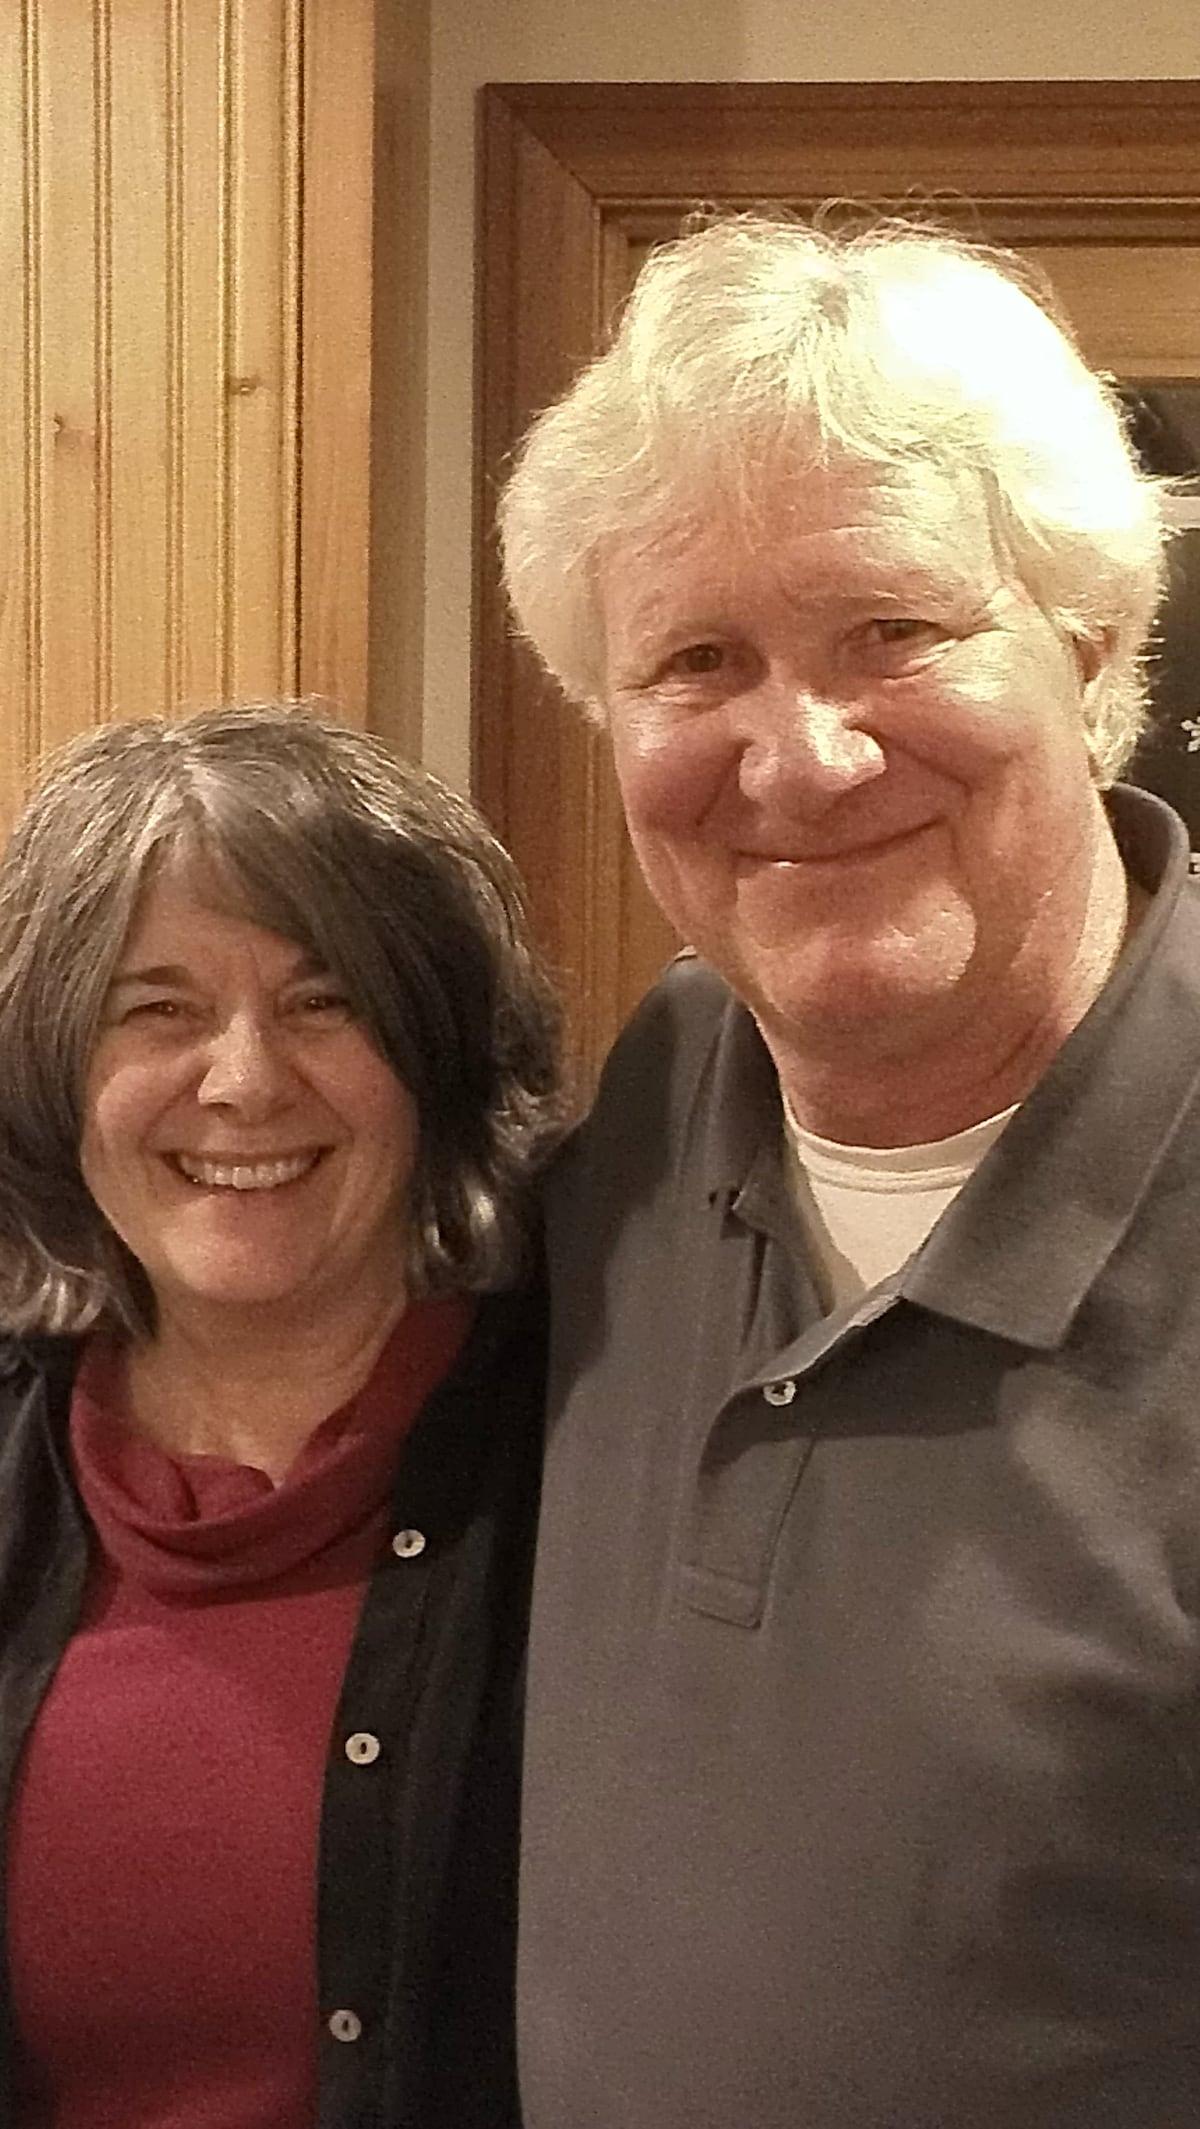 Mary Jill From Bodega Bay, CA